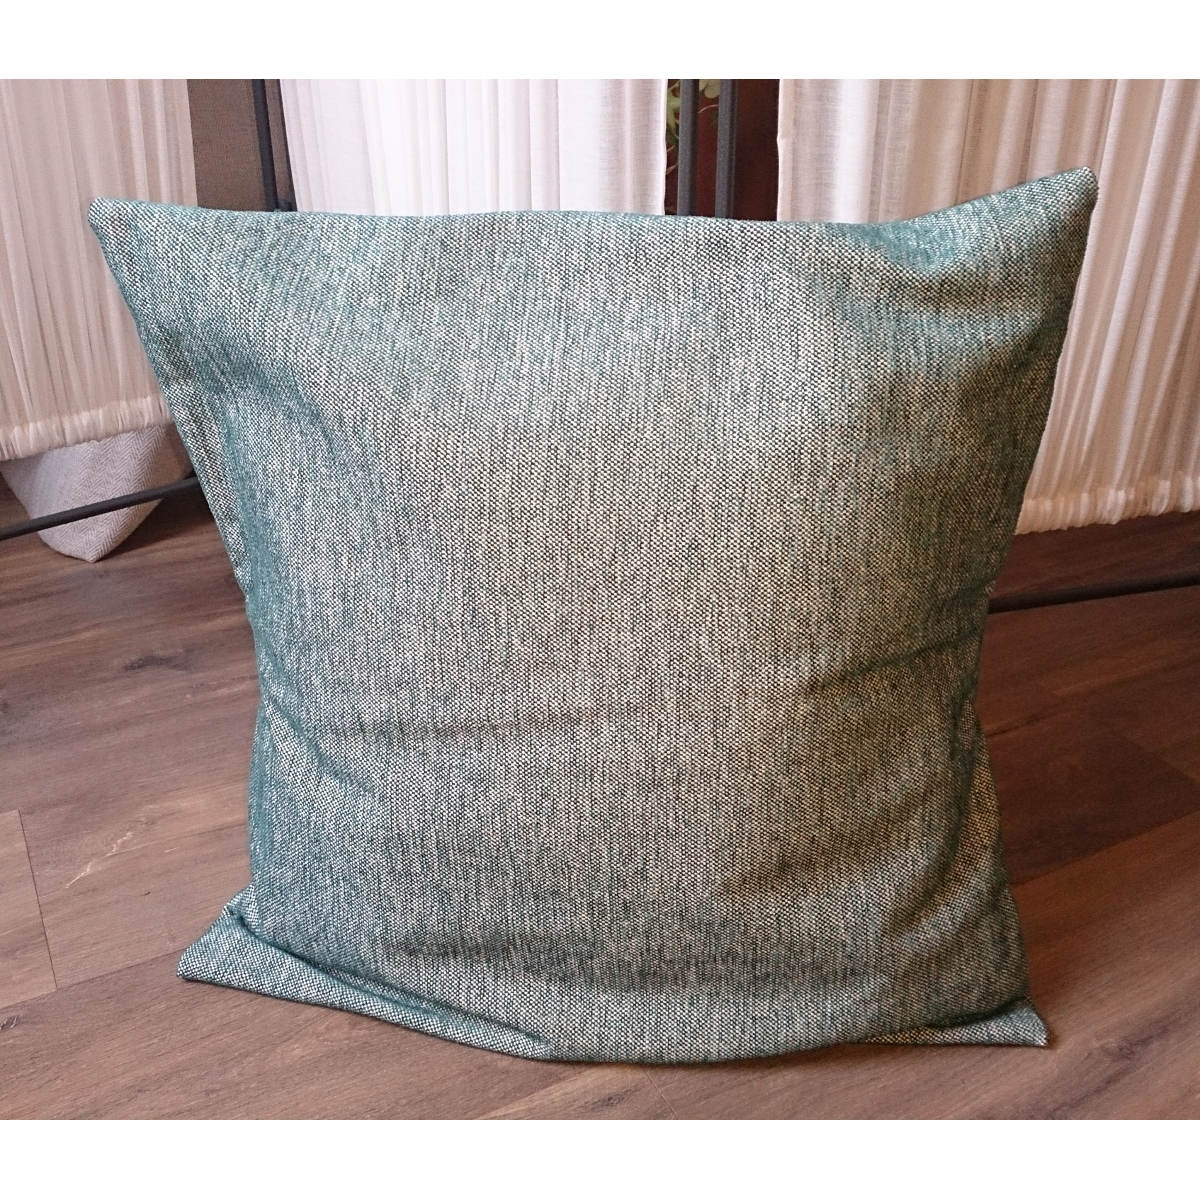 Housse De Coussin Bleu-Vert tout Coussin Bleu Vert